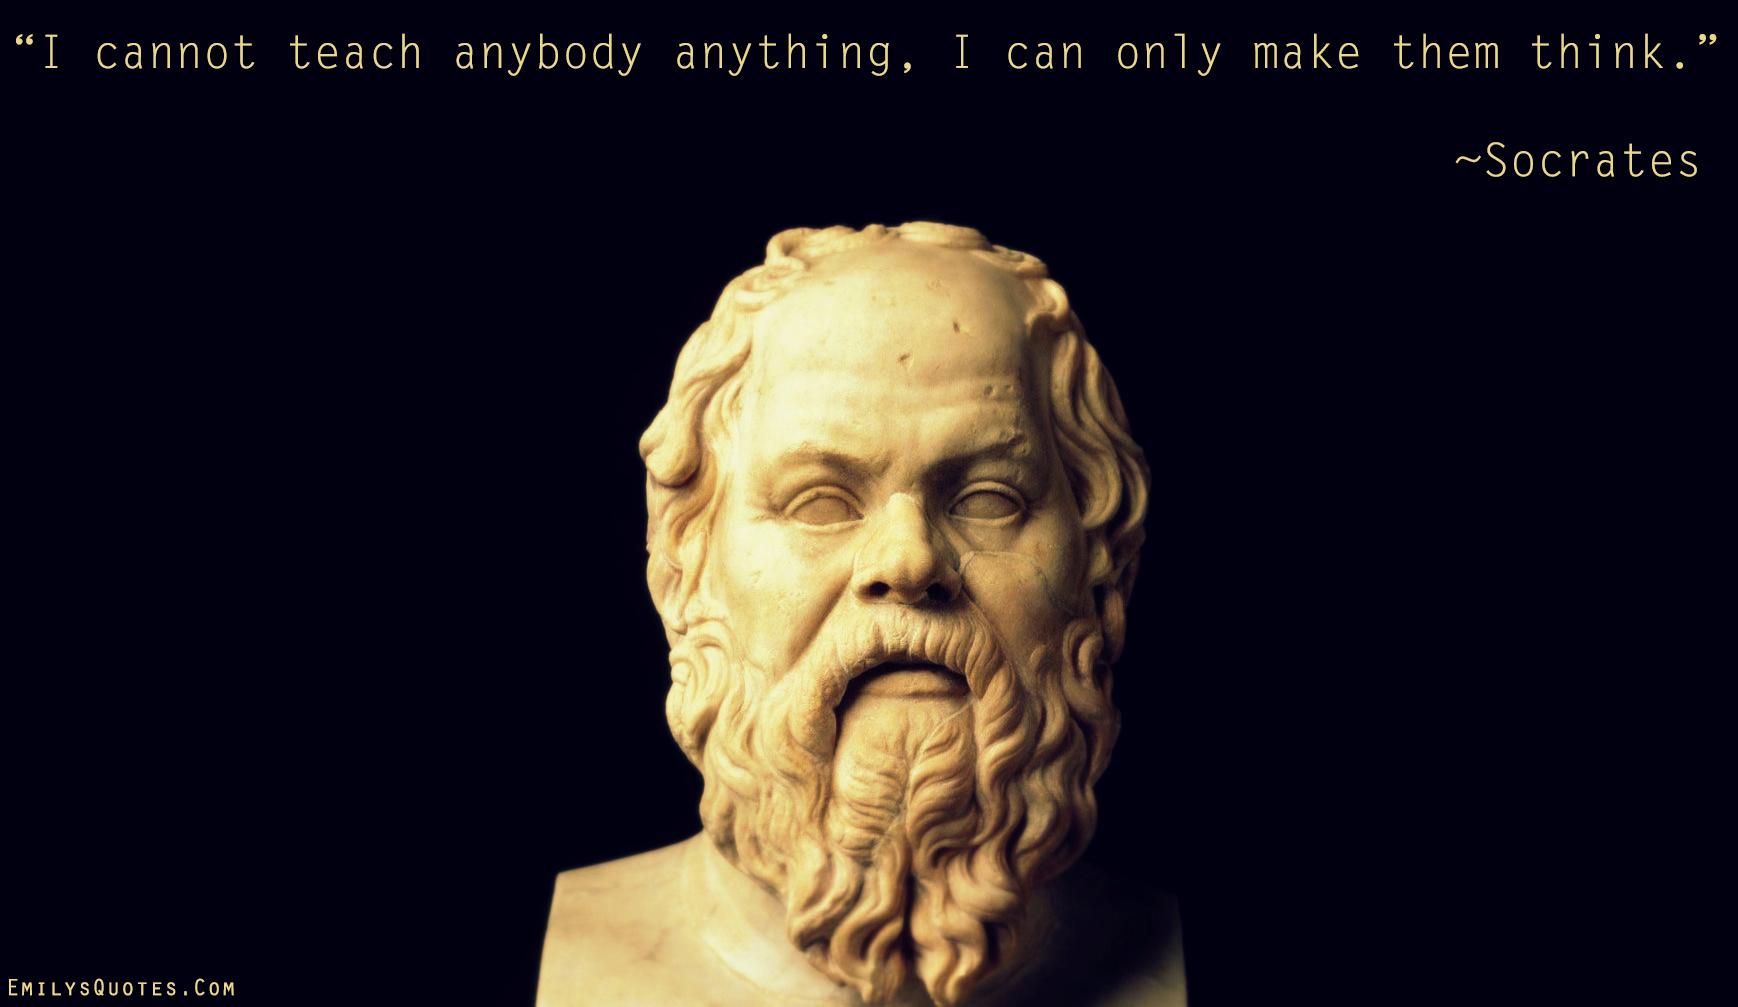 EmilysQuotes.Com - teaching, thinking, wisdom, intelligence, Socrates